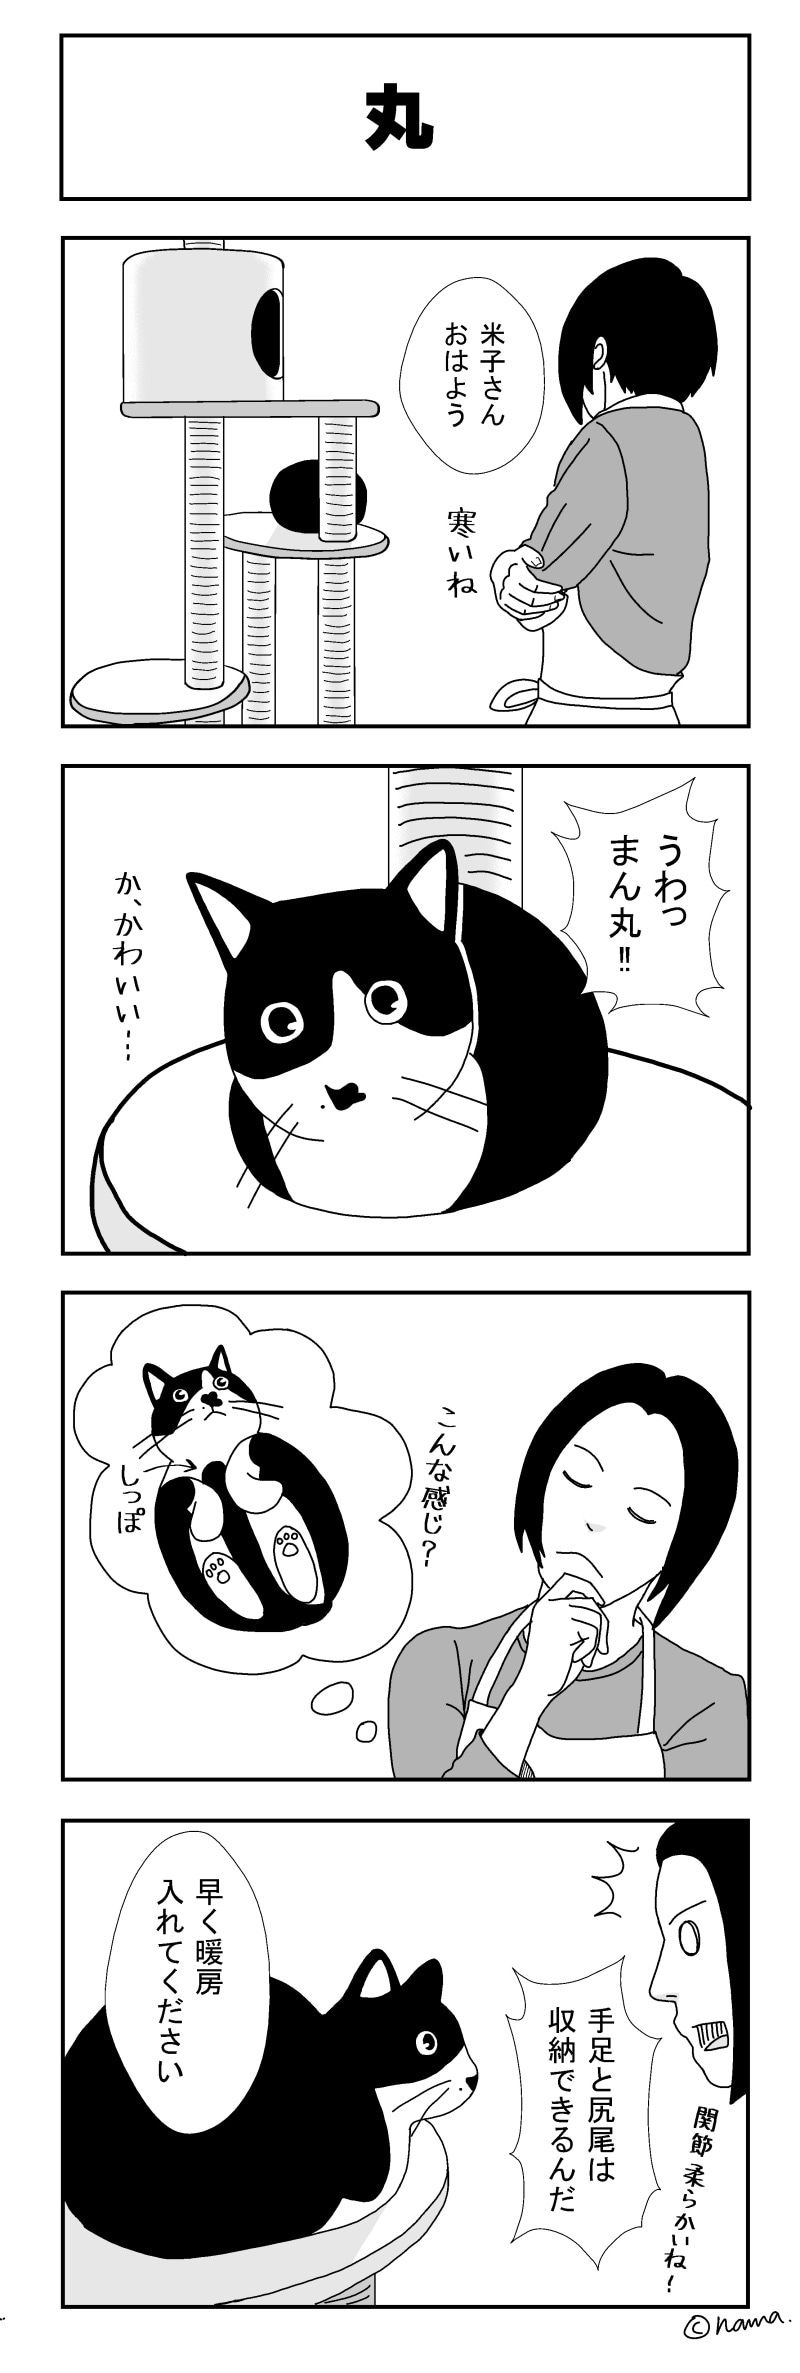 48話 丸 犬 猫 漫画 猫 漫画 猫